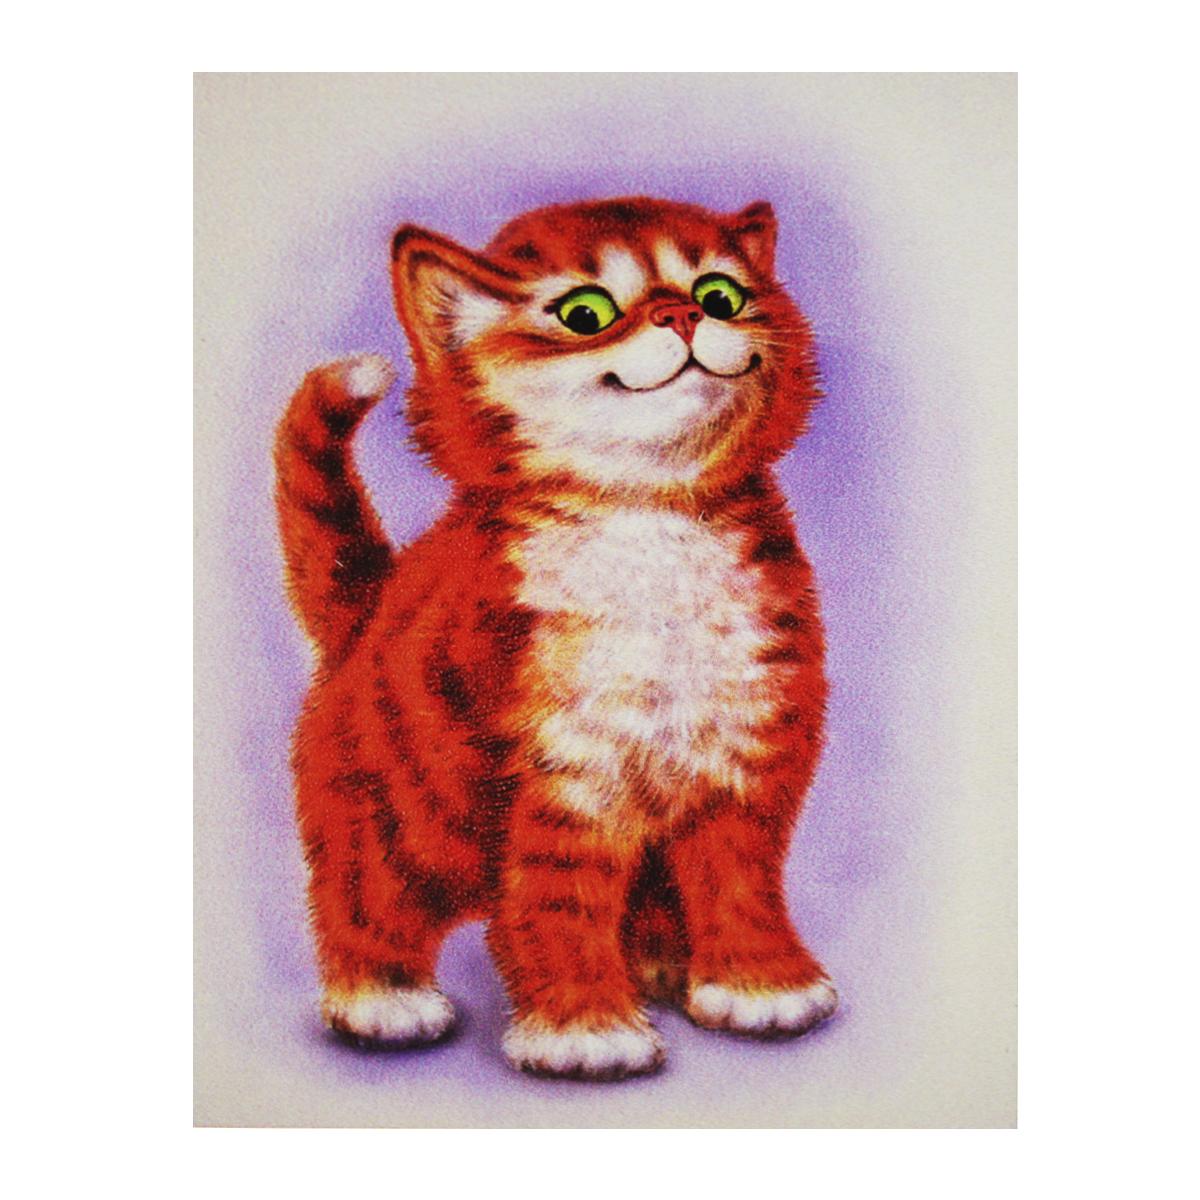 Набор для изготовления картины со стразами Алмазная Живопись Важный кот, 25 х 30 см484226В состав набора входит: полотно-схема с клеевым слоем, с условными обозначениями, инструкция, пластиковое блюдце, пинцет, упакованные стразы.